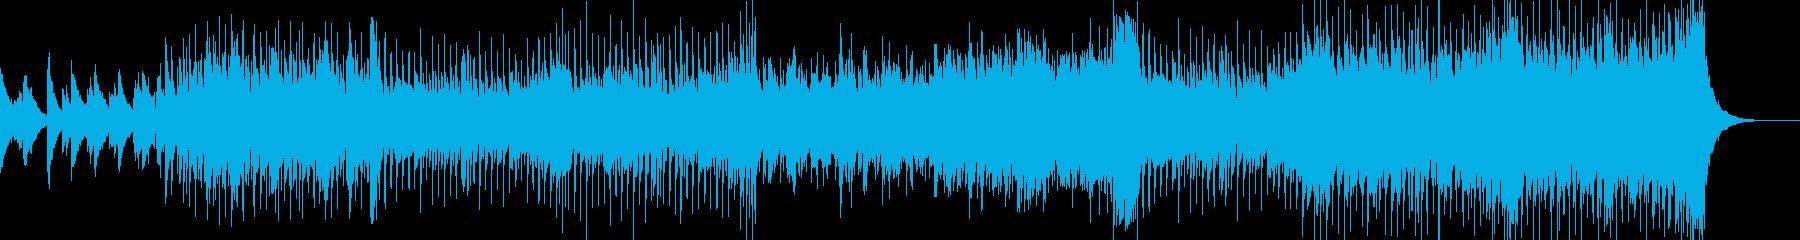 ピアノ主体のレトロディスコの再生済みの波形